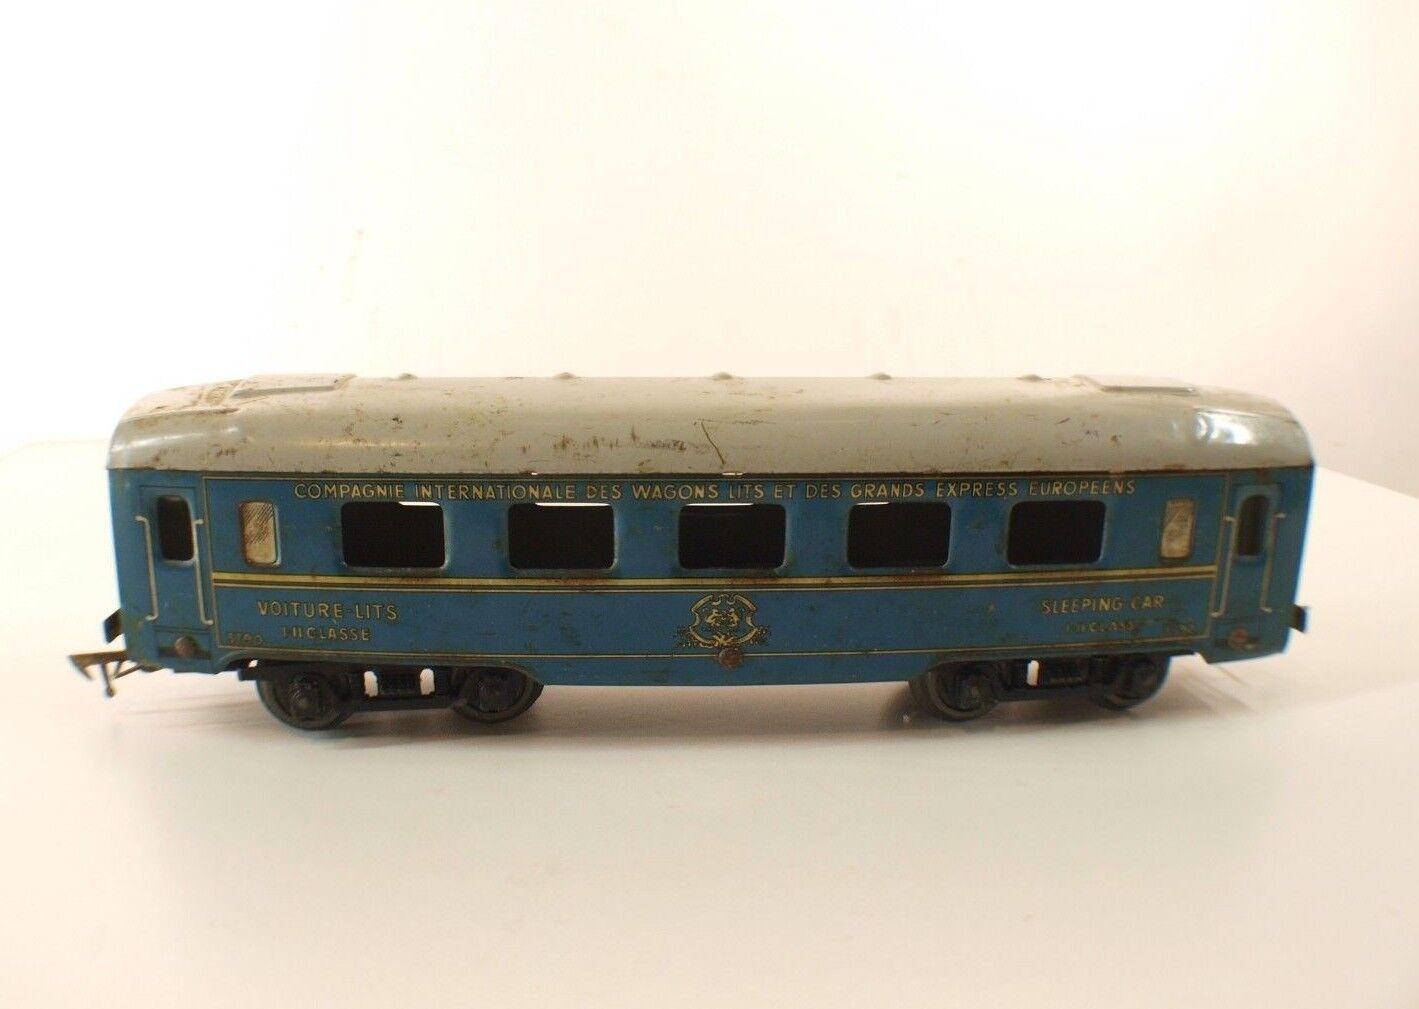 Jep F Wagon 3790 Coche Cama Compañía Vagones y Grandes Express Europea O